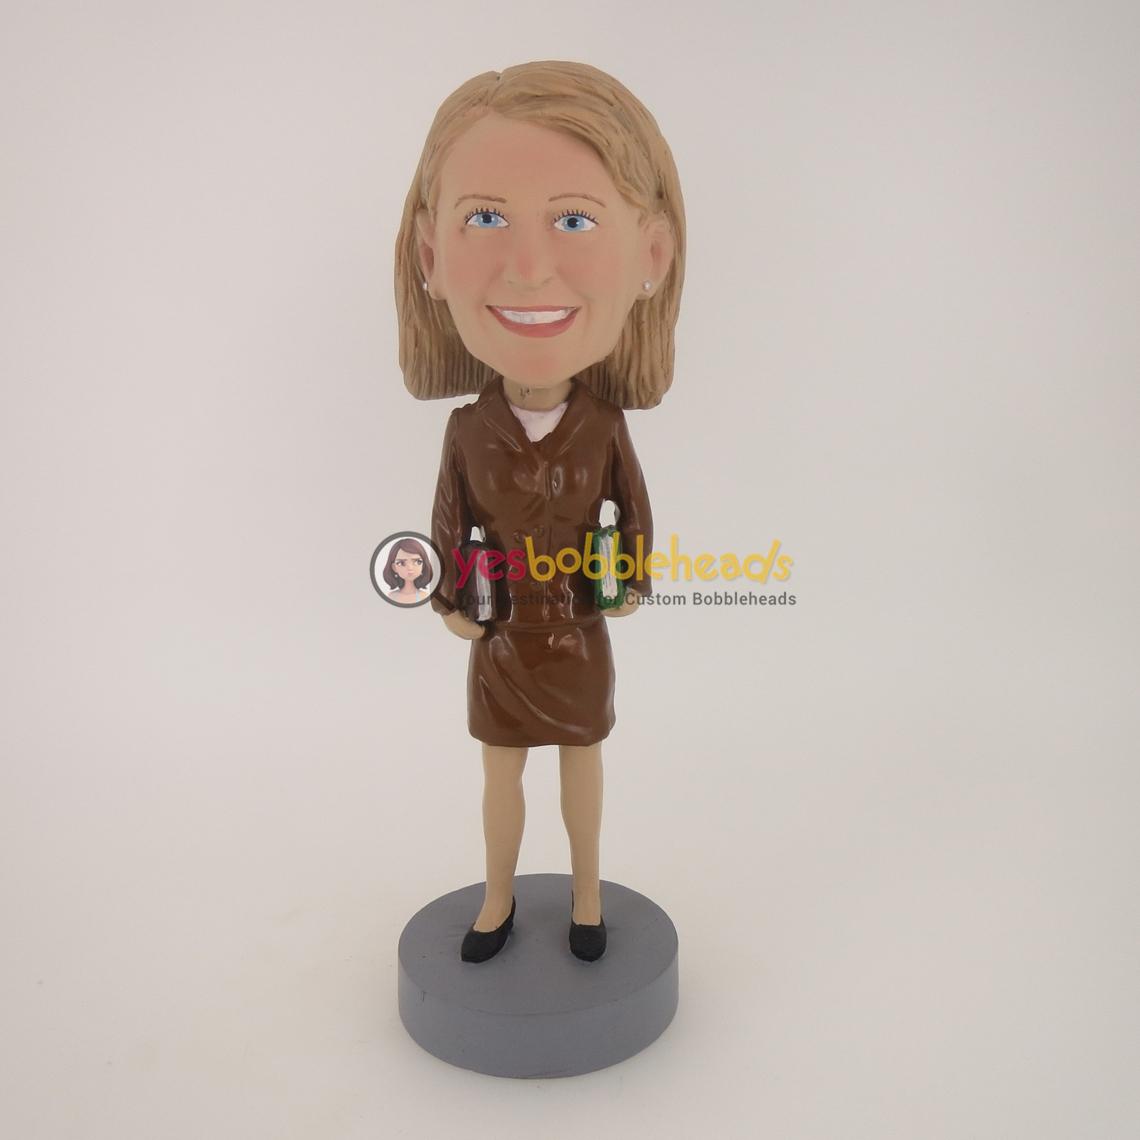 Picture of Custom Bobblehead Doll: Female Teacher